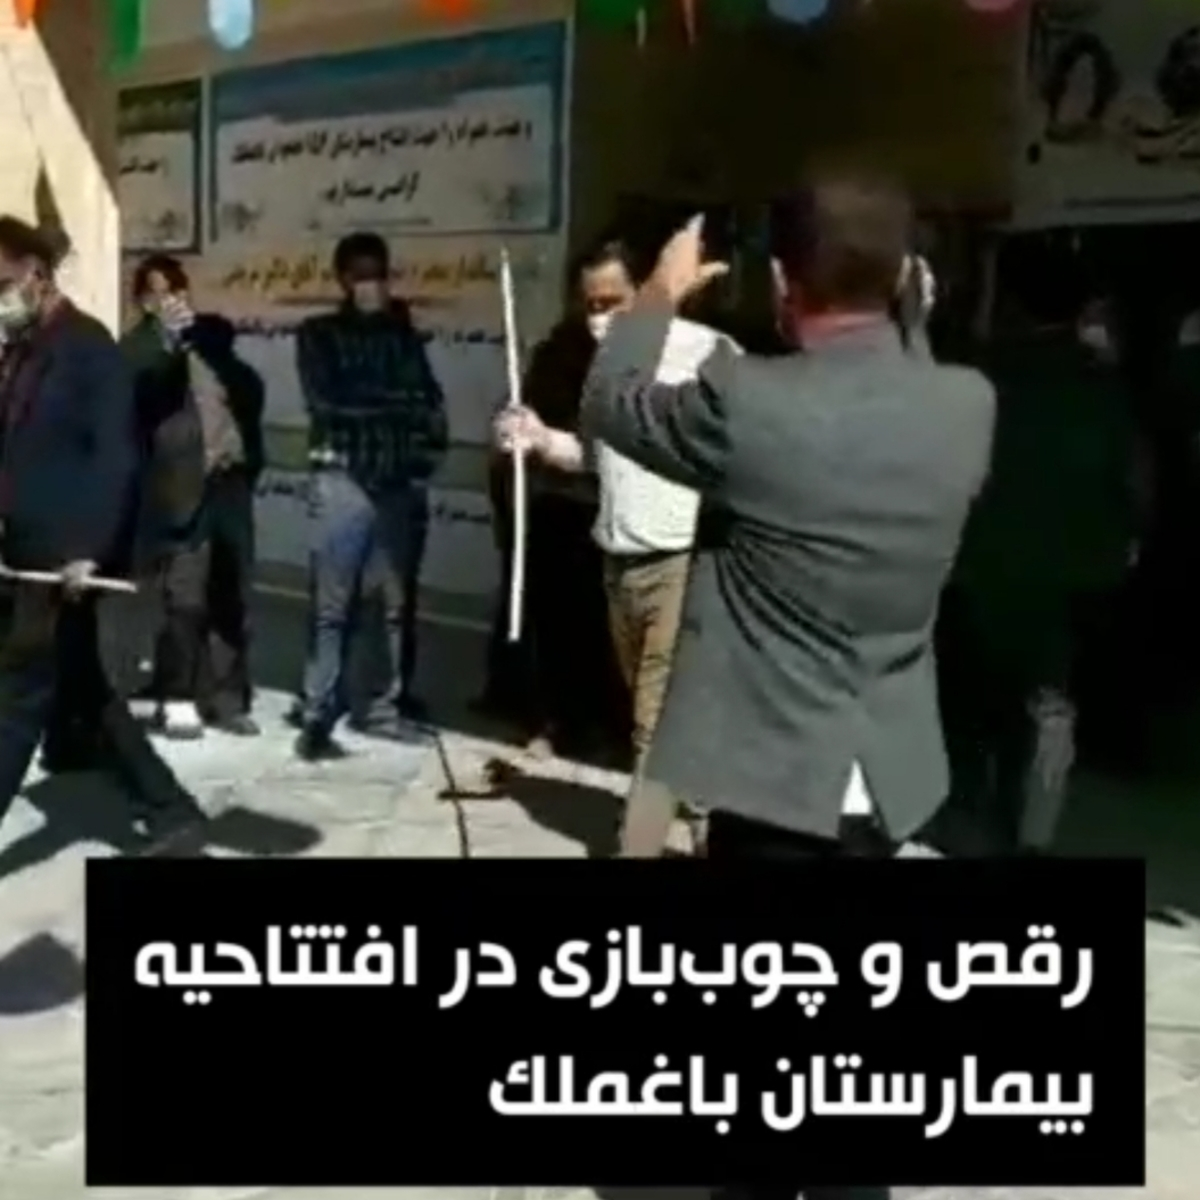 رقص و چوببازی در مراسم افتتاحیه یک بیمارستان در شهر باغملک خوزستان + ویدئو